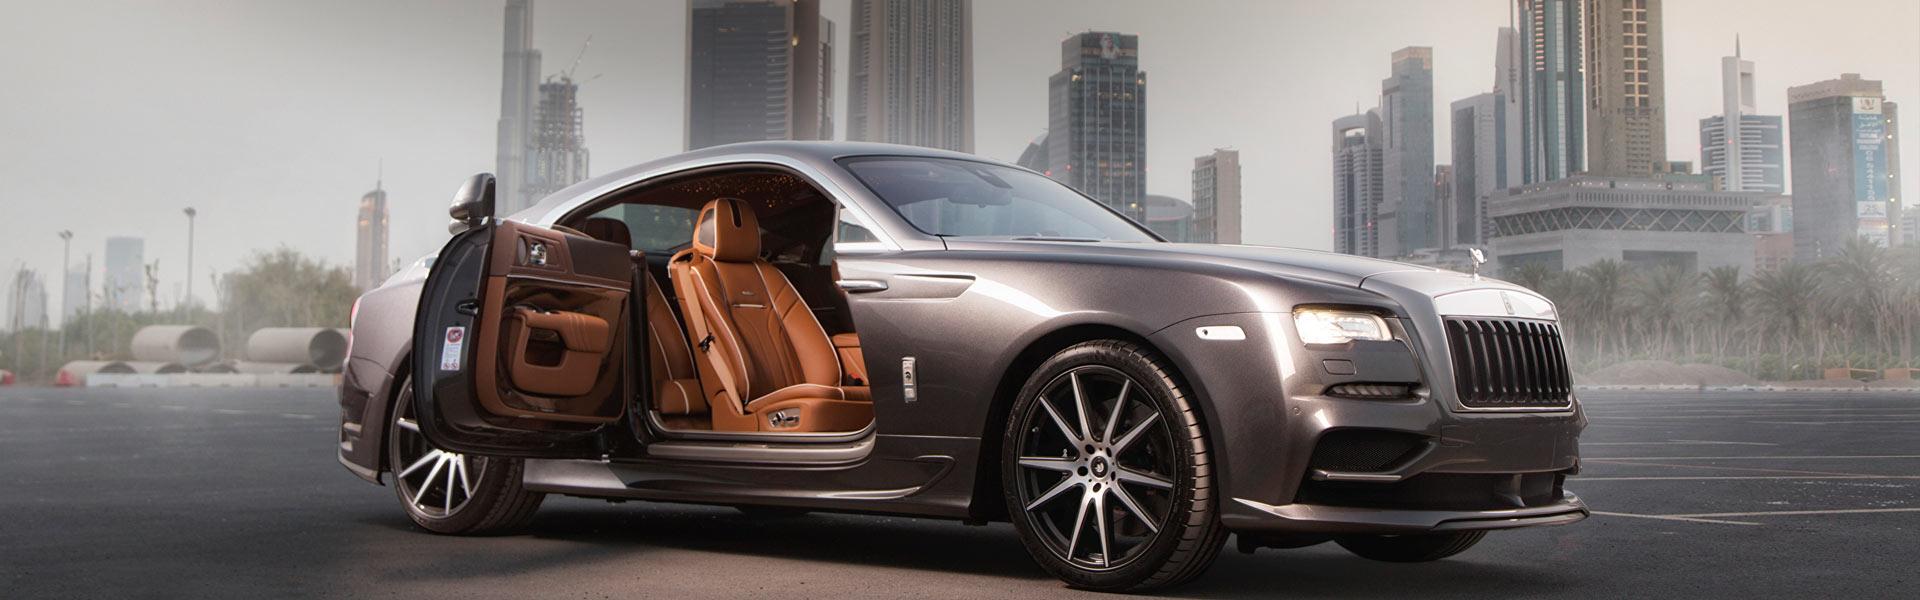 Установка сигнализации Rolls-Royce